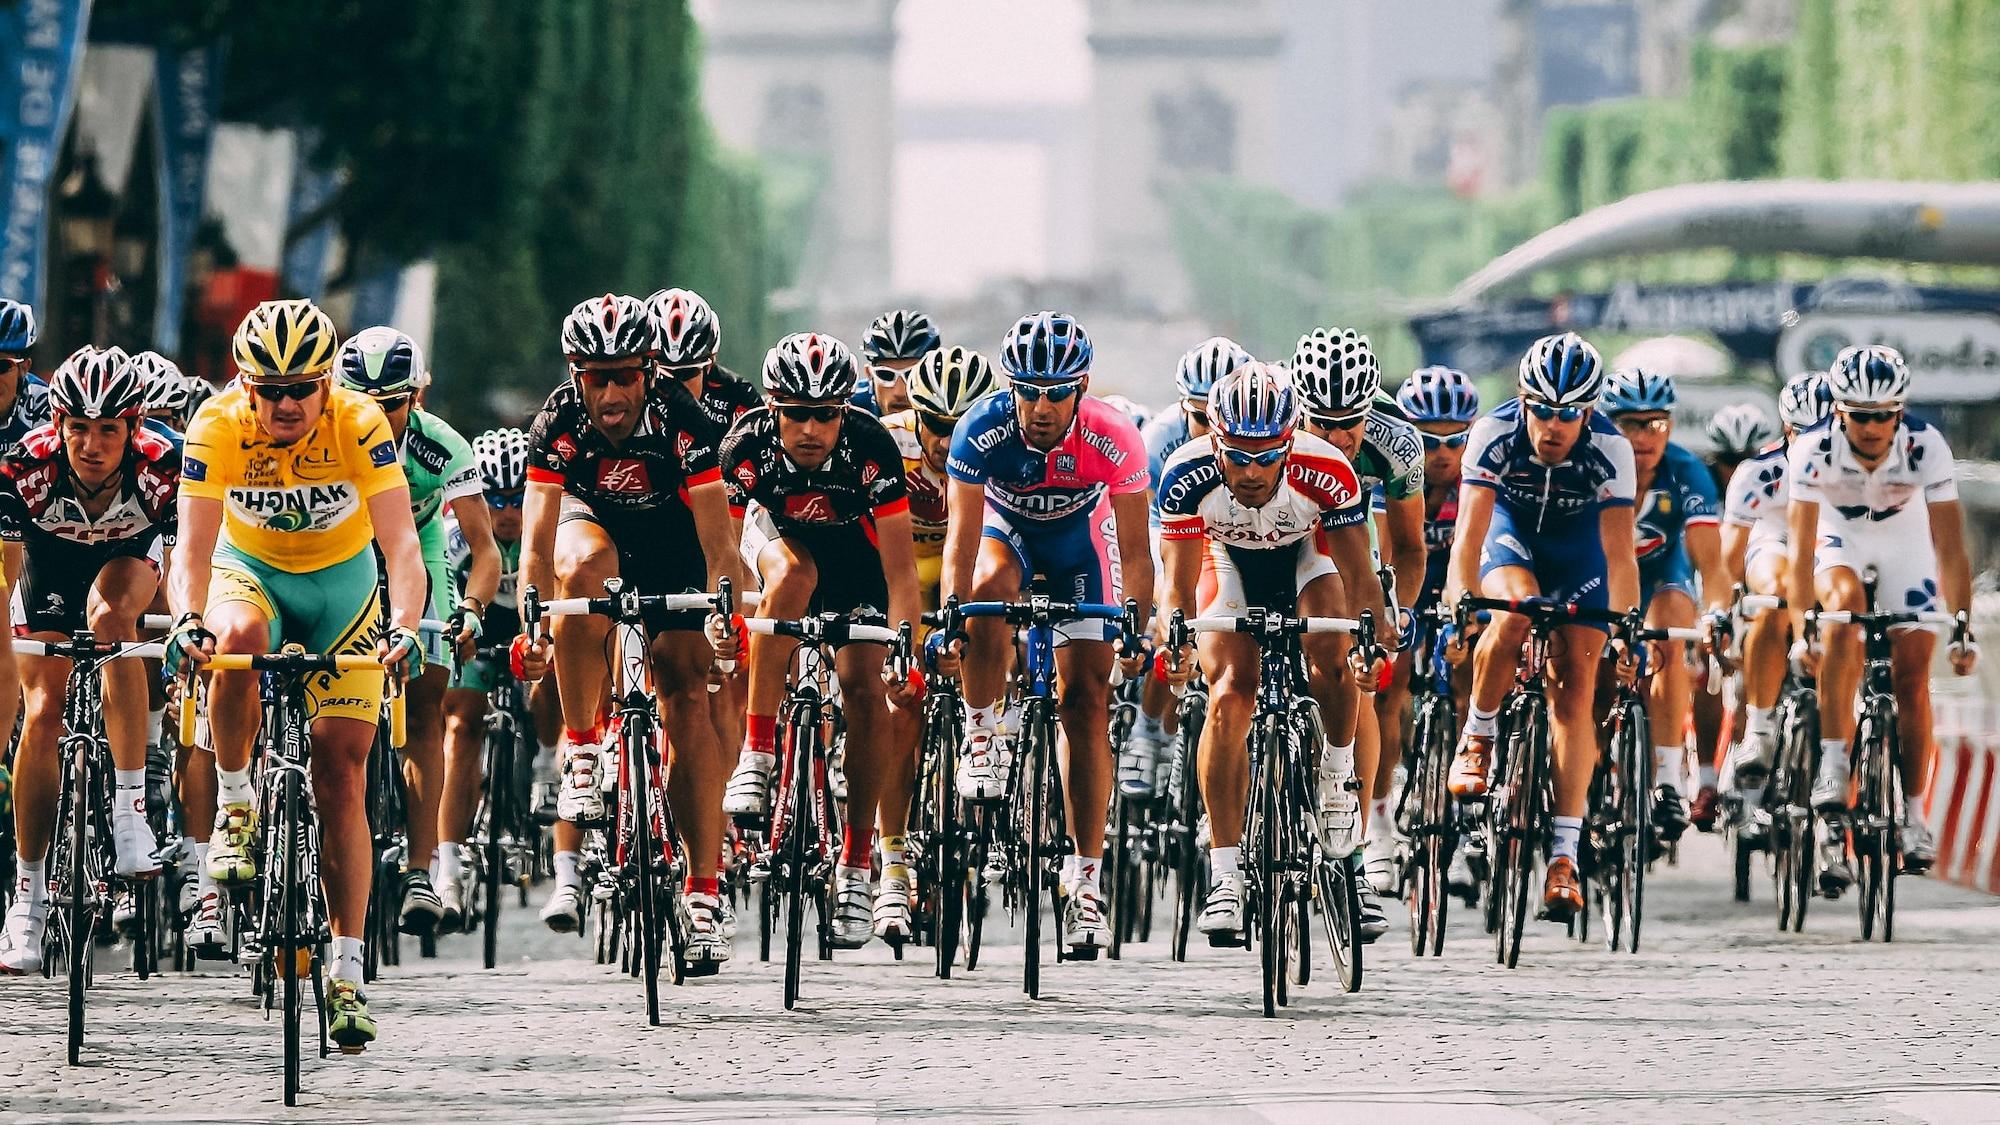 Il mène le reste du peloton sur les Champs-Élysées lors de la dernière étape du Tour de France, le 23 juillet 2006.